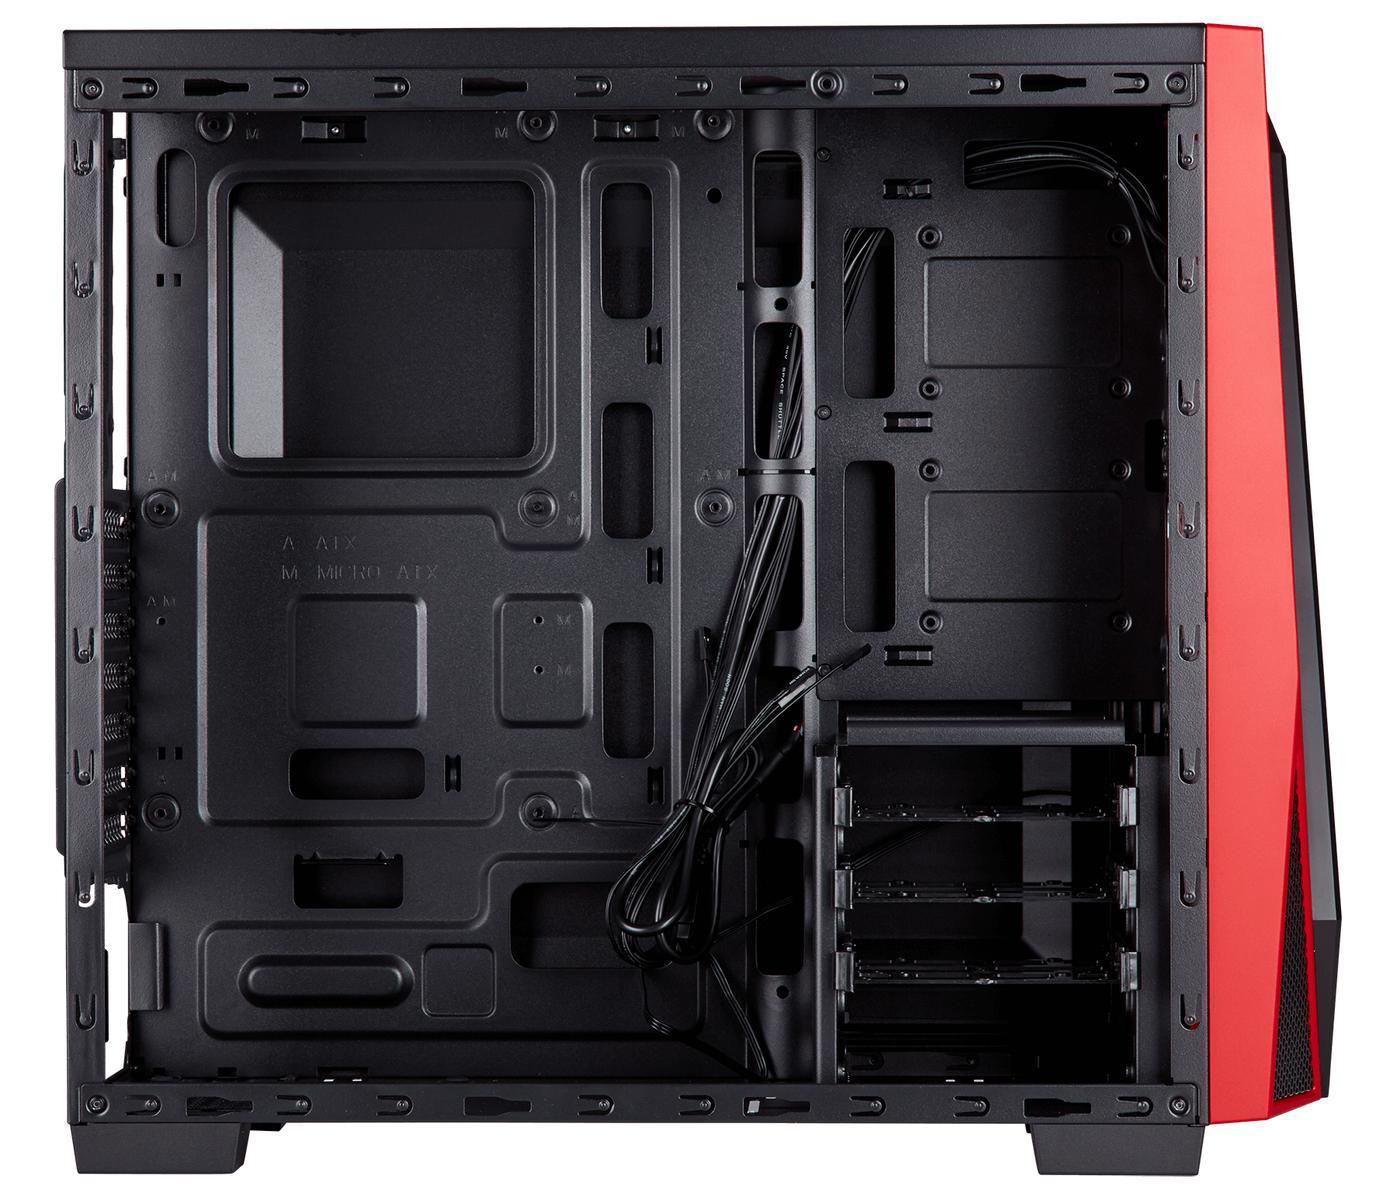 Corsair Carbide SPEC-04 ATX Mid Tower (Preto / Vermelho)